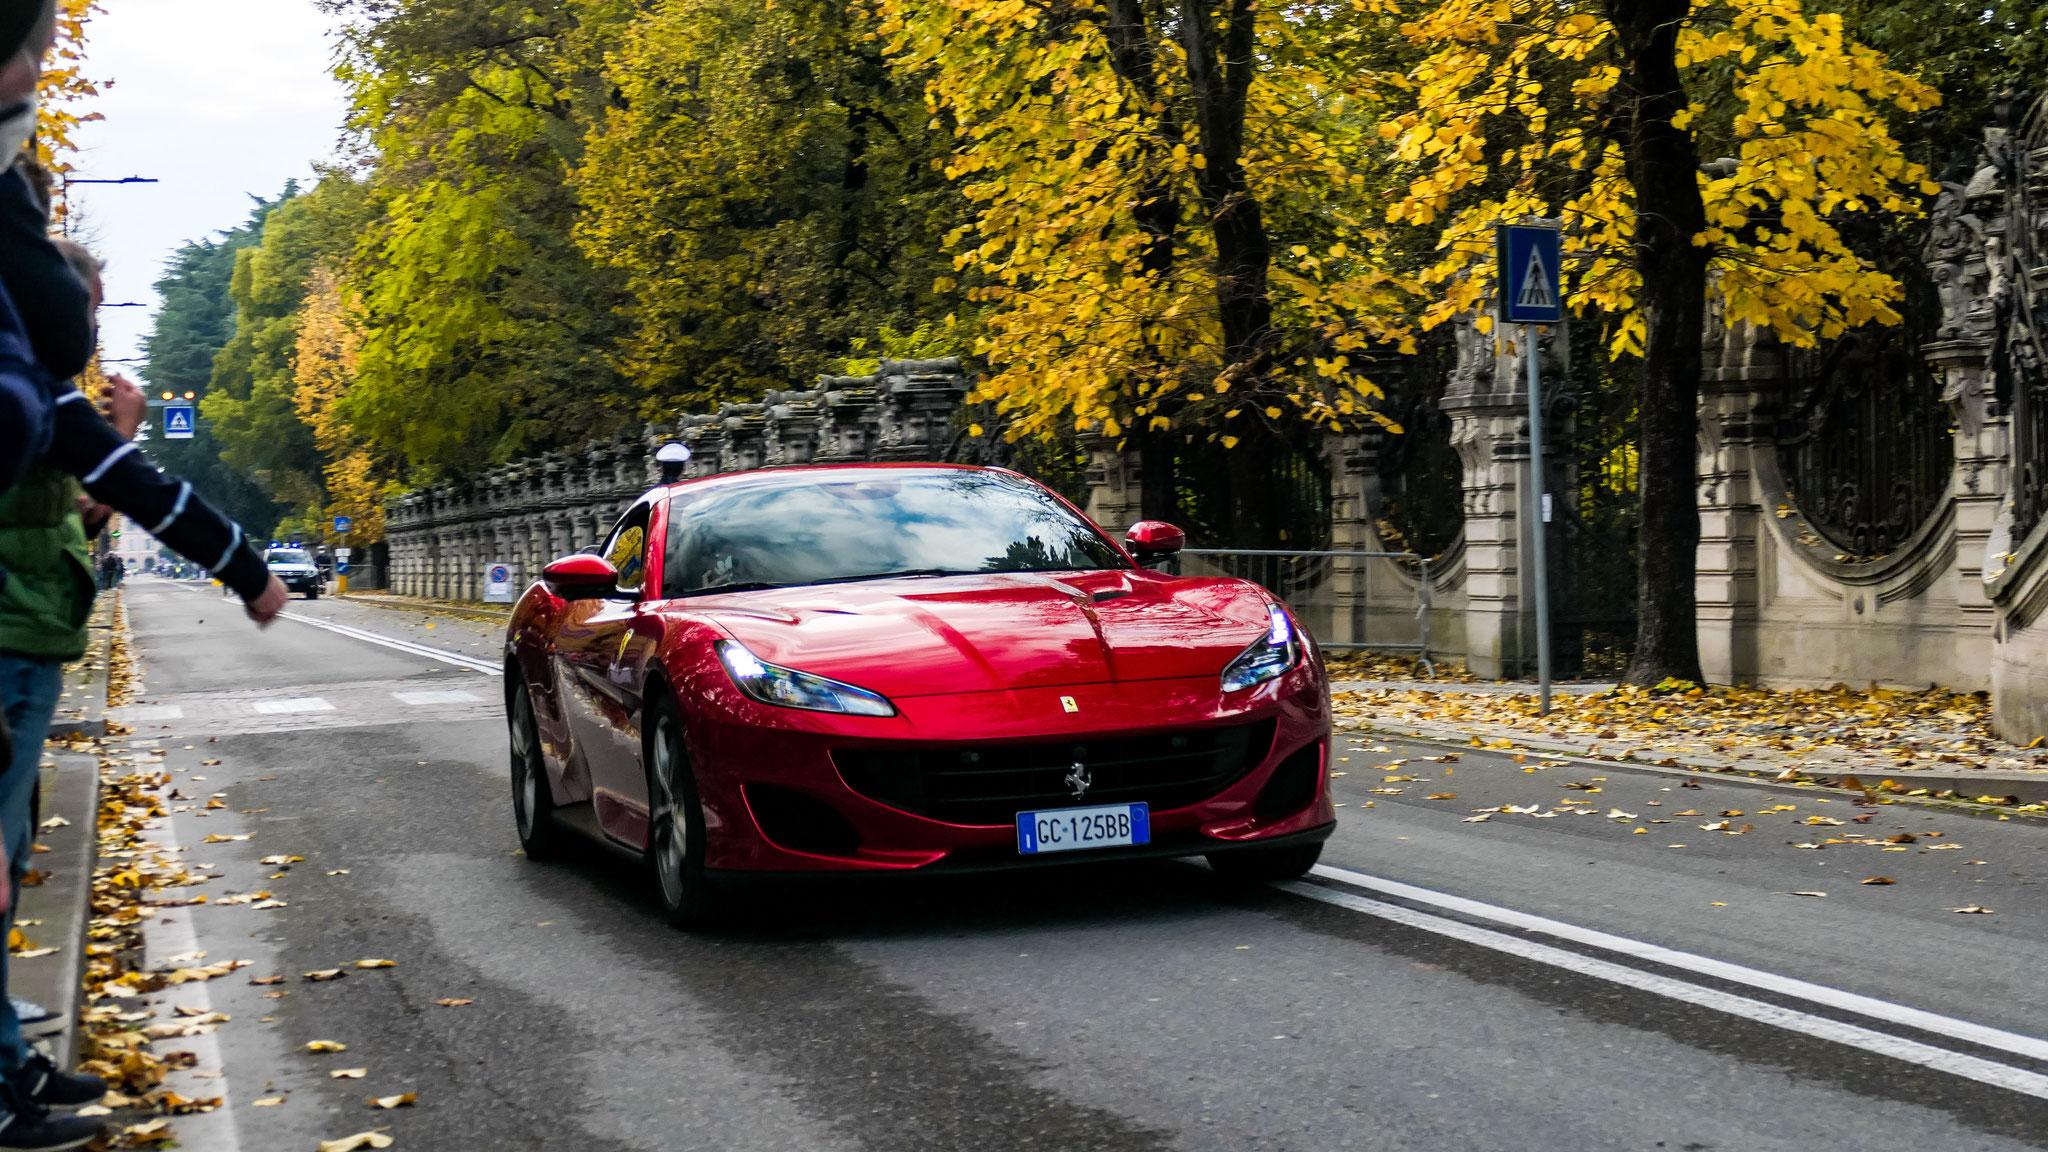 Ferrari Portofino - GC-125-BB (ITA)